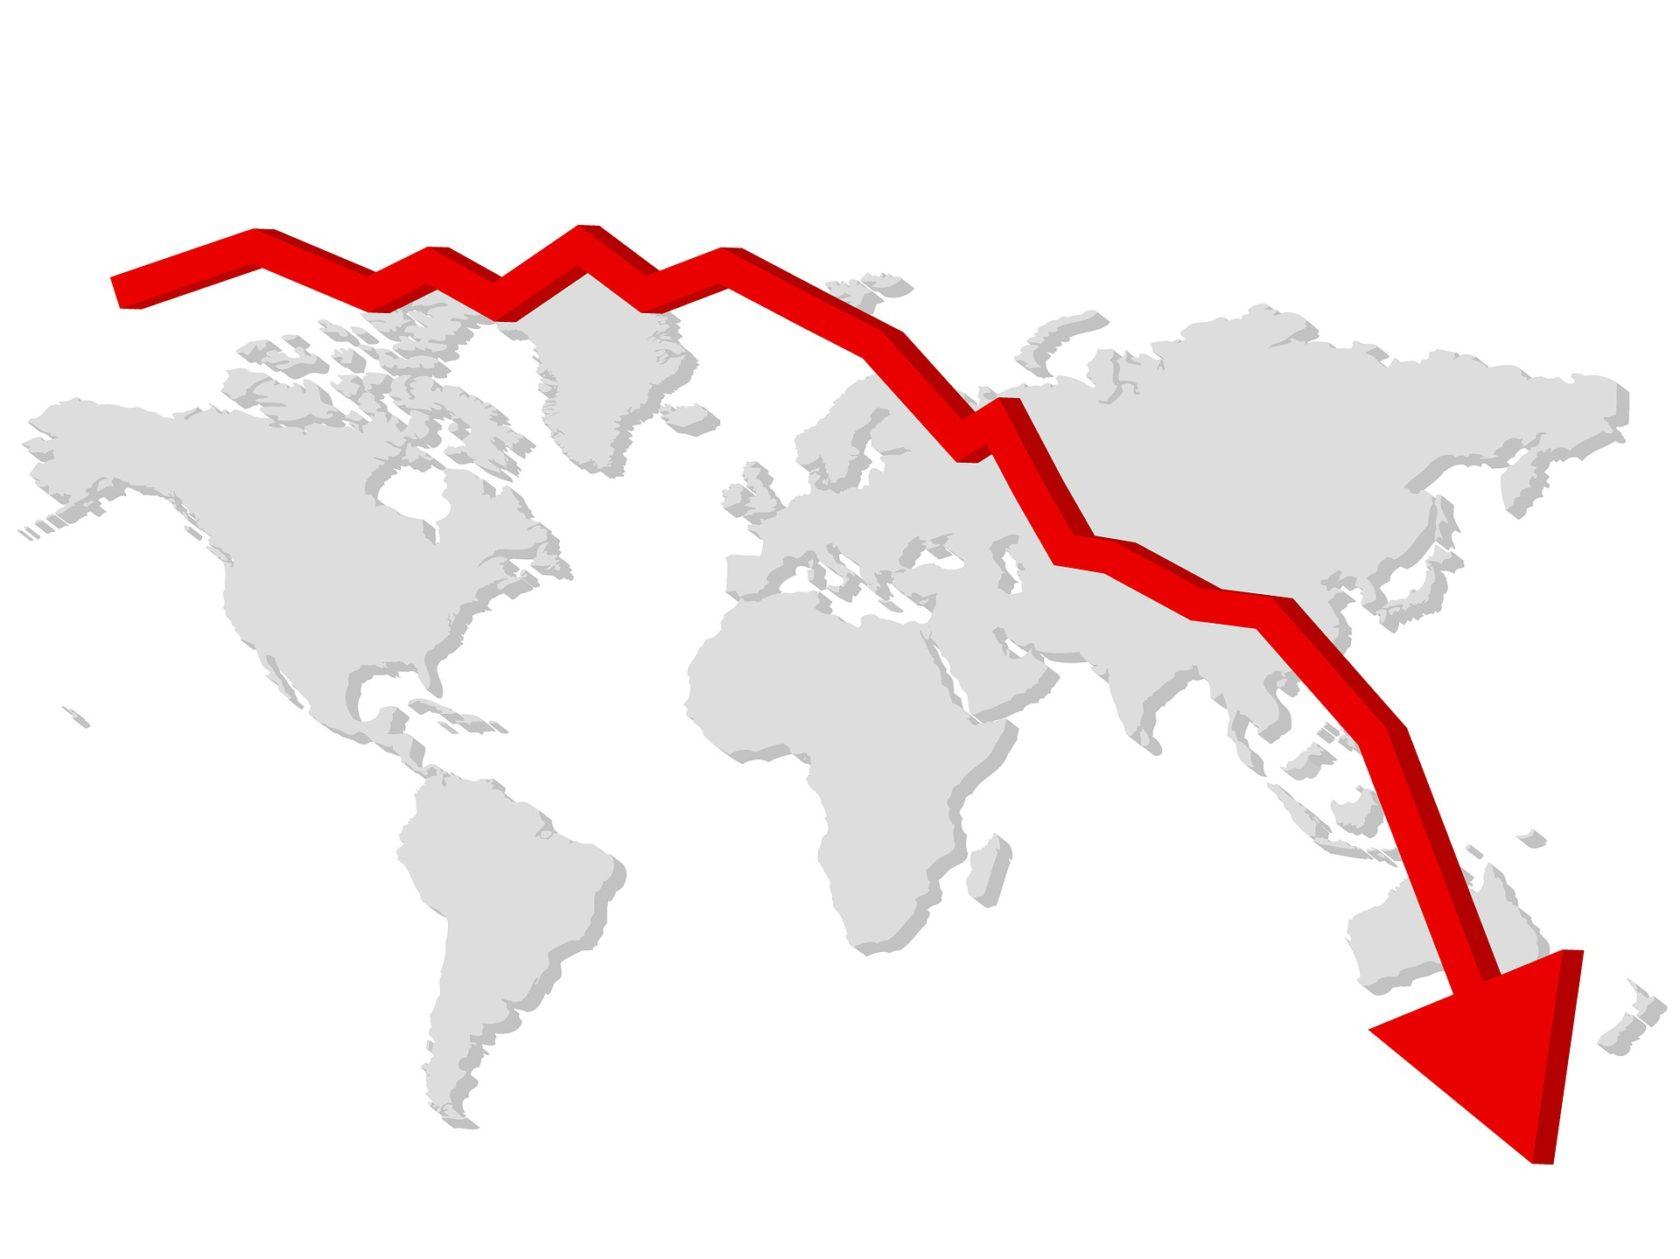 Recessione e deflazione sono sempre il male?